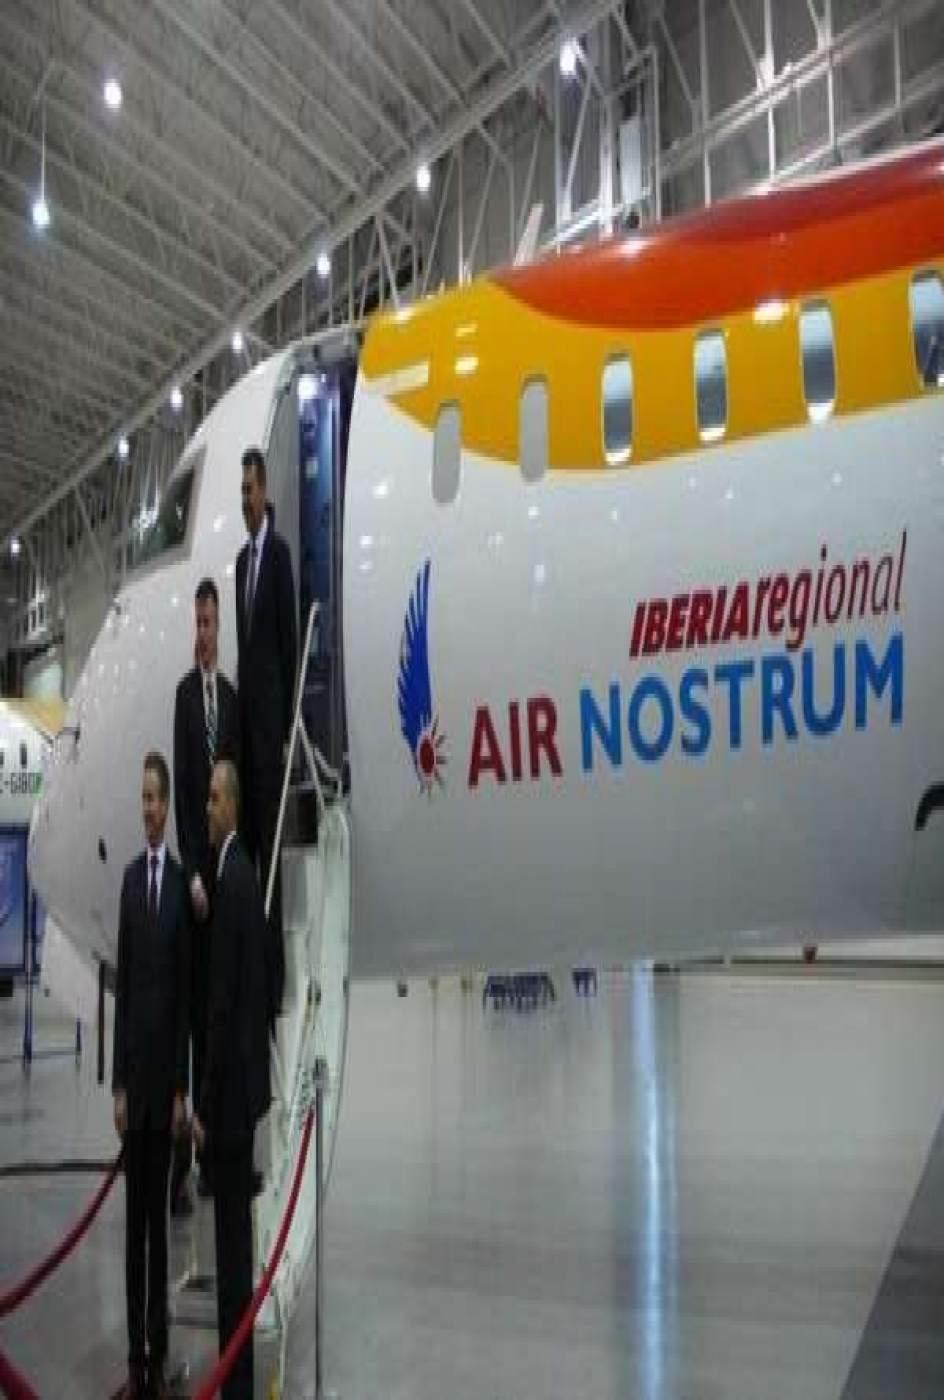 Nostrum - EP 2